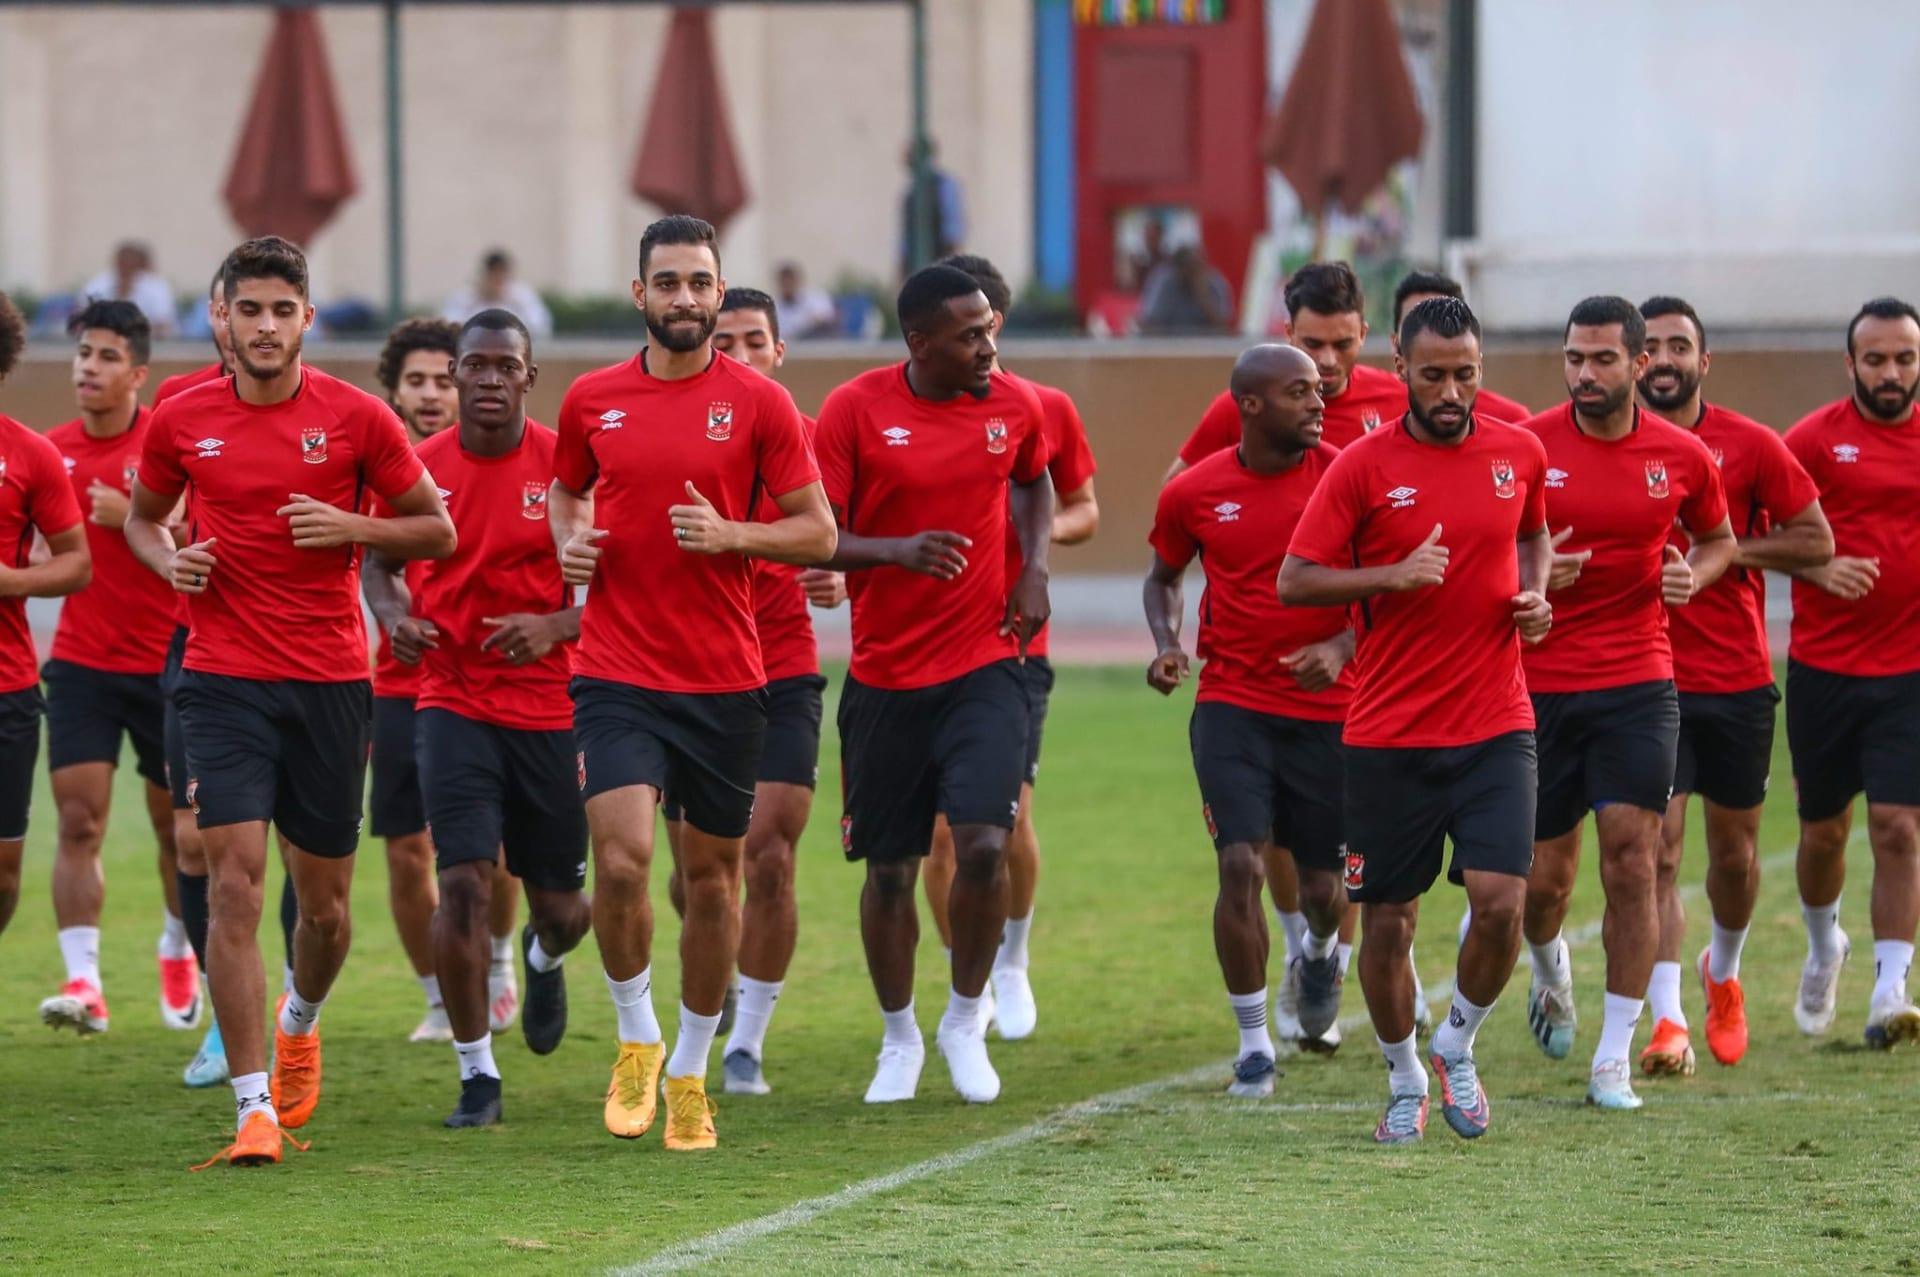 الأهلي المصري: لن نخوض أي مباراة في الدوري قبل لقاء الزمالك